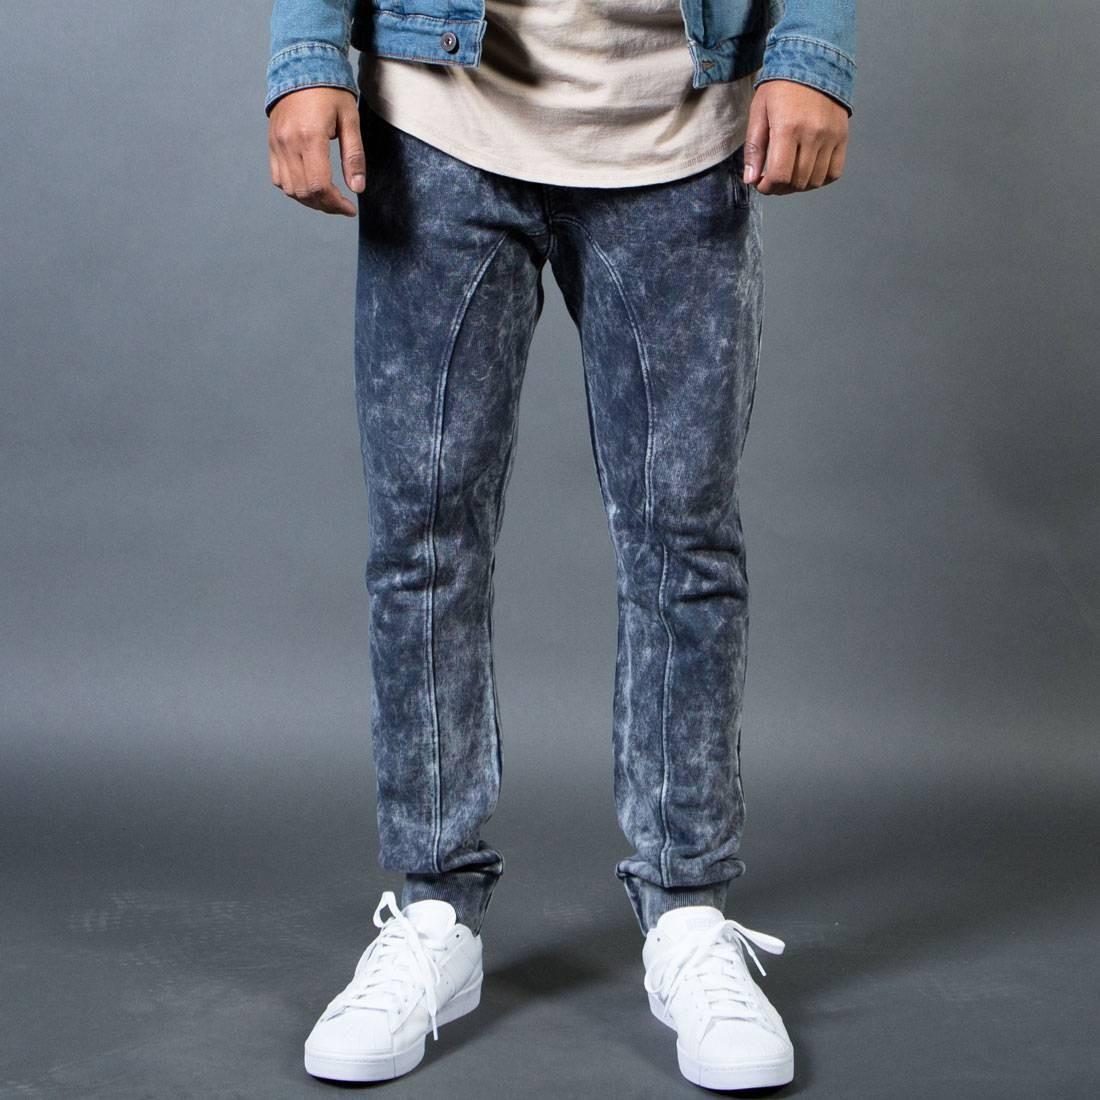 灰色 グレー グレイ 【 GRAY ELEVEN PARIS MEN RUTTER WASH SWEATPANTS 】 メンズファッション ズボン パンツ